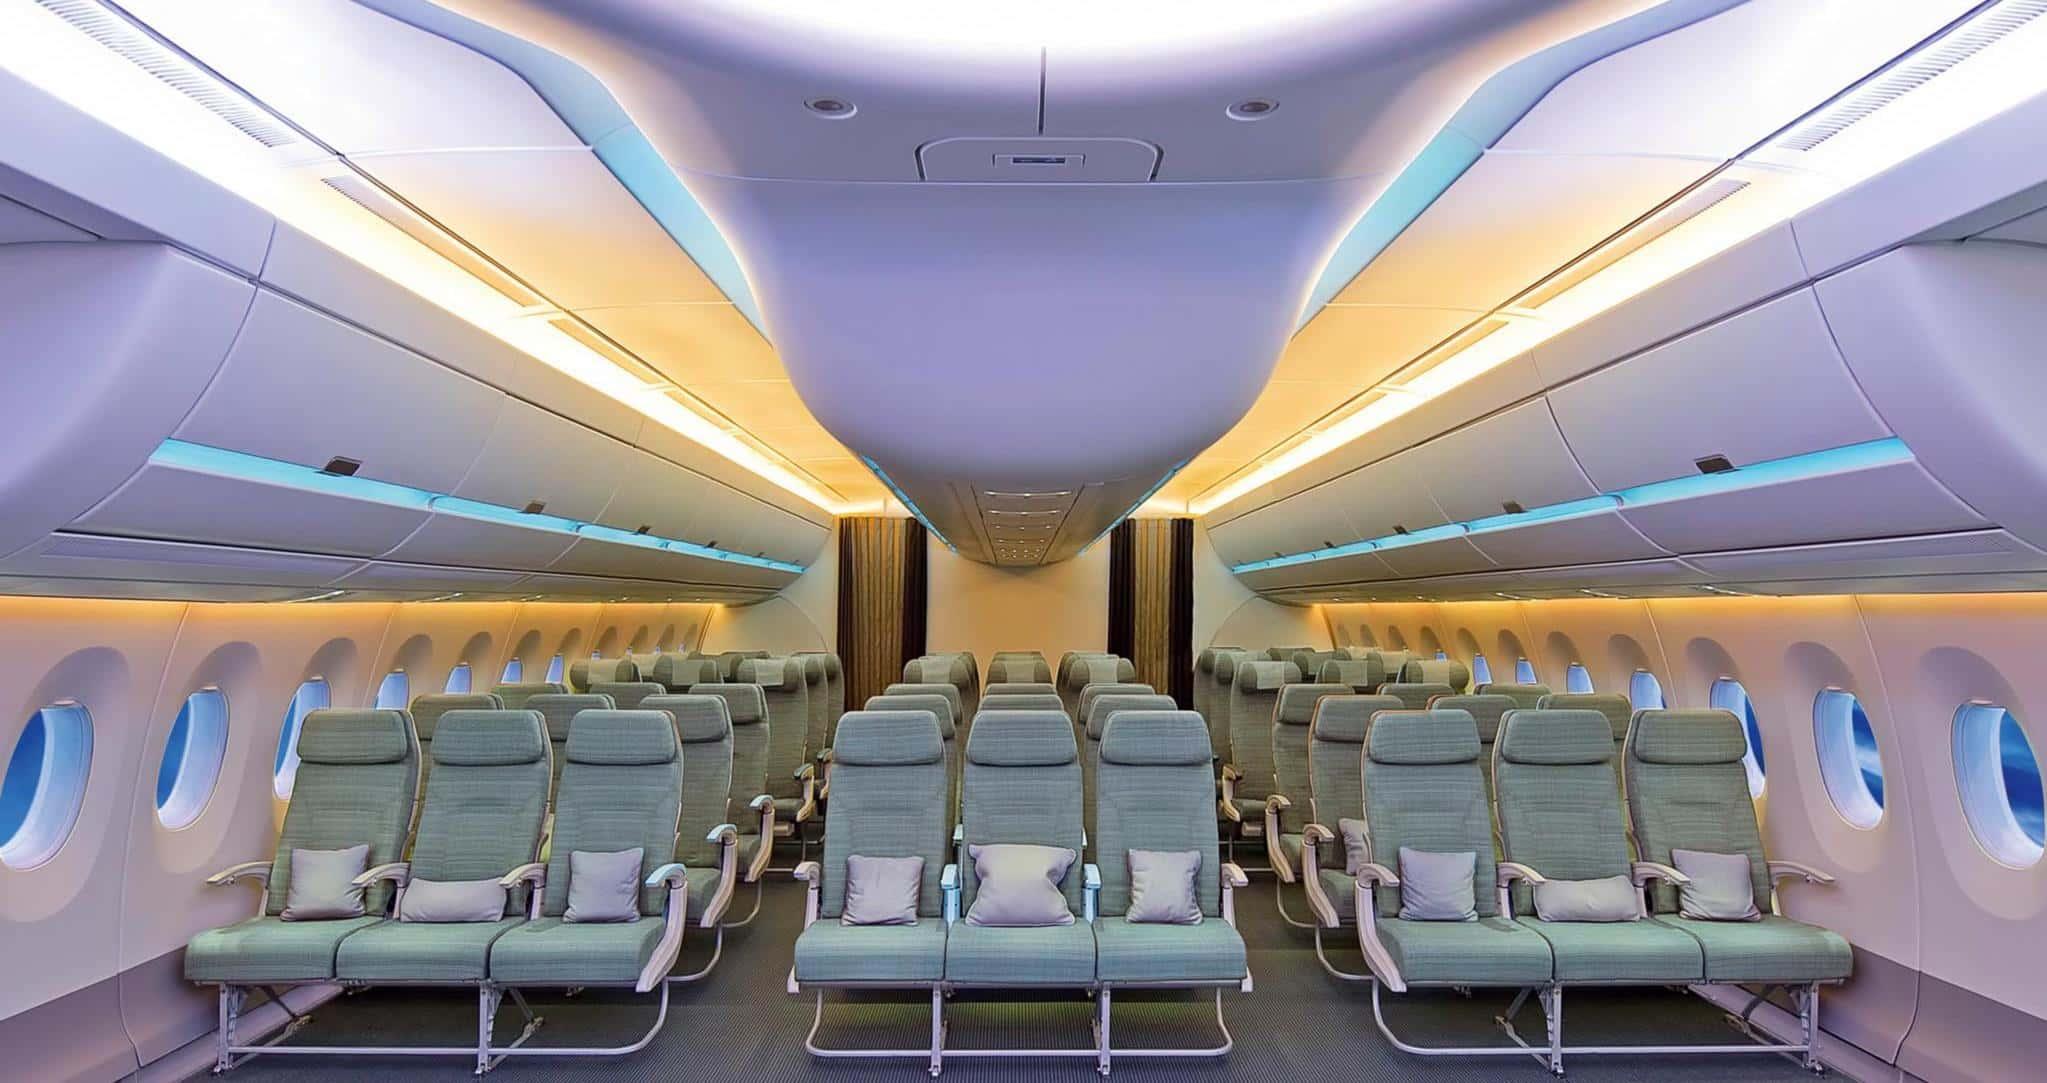 کابین هواپیما از گذشته تا به امروز